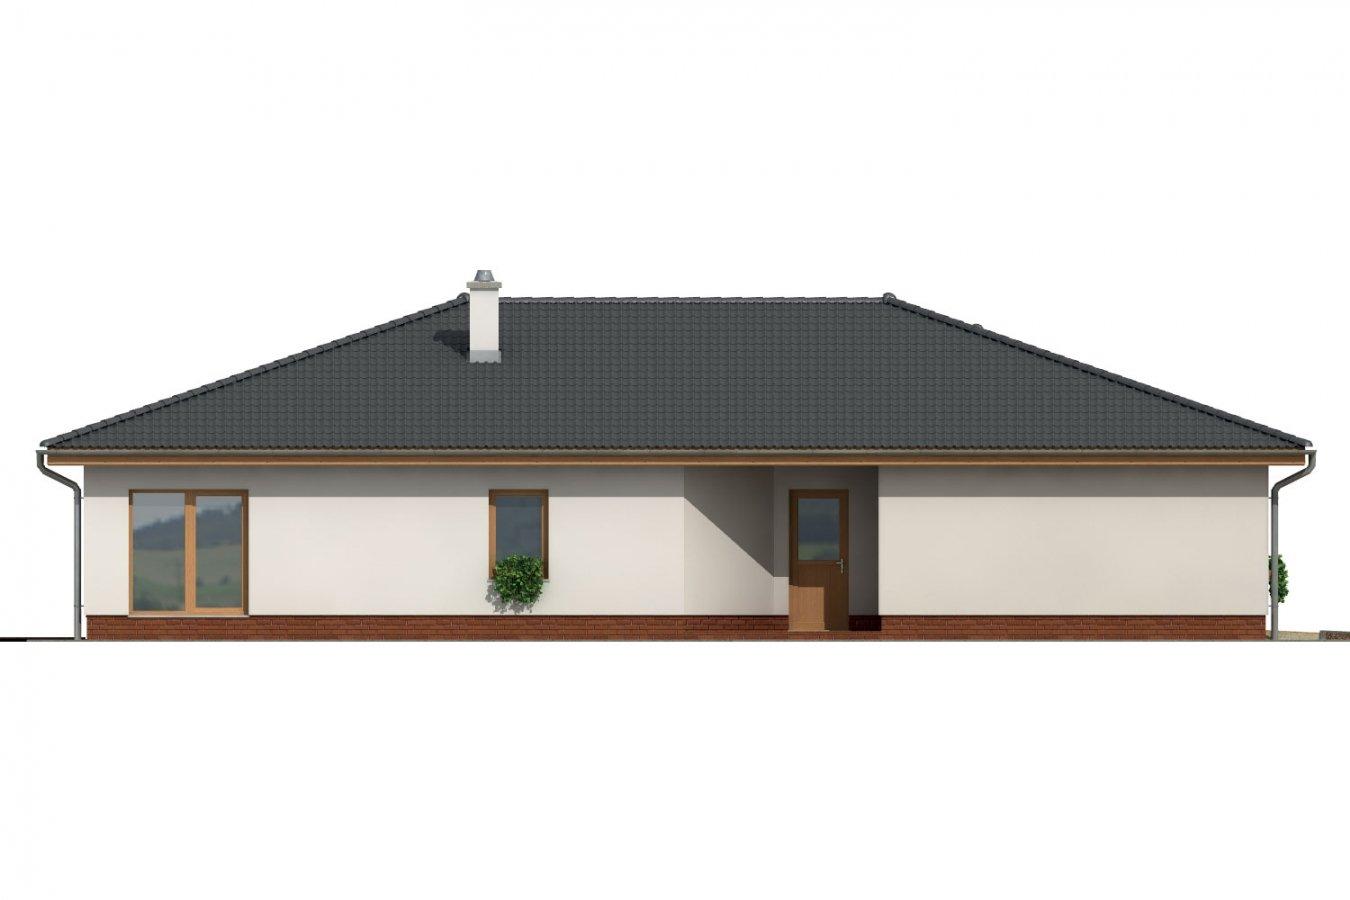 Pohľad 4. - Veľkopriestorový rodinný dom do L s dvojgarážou a krytou terasou.